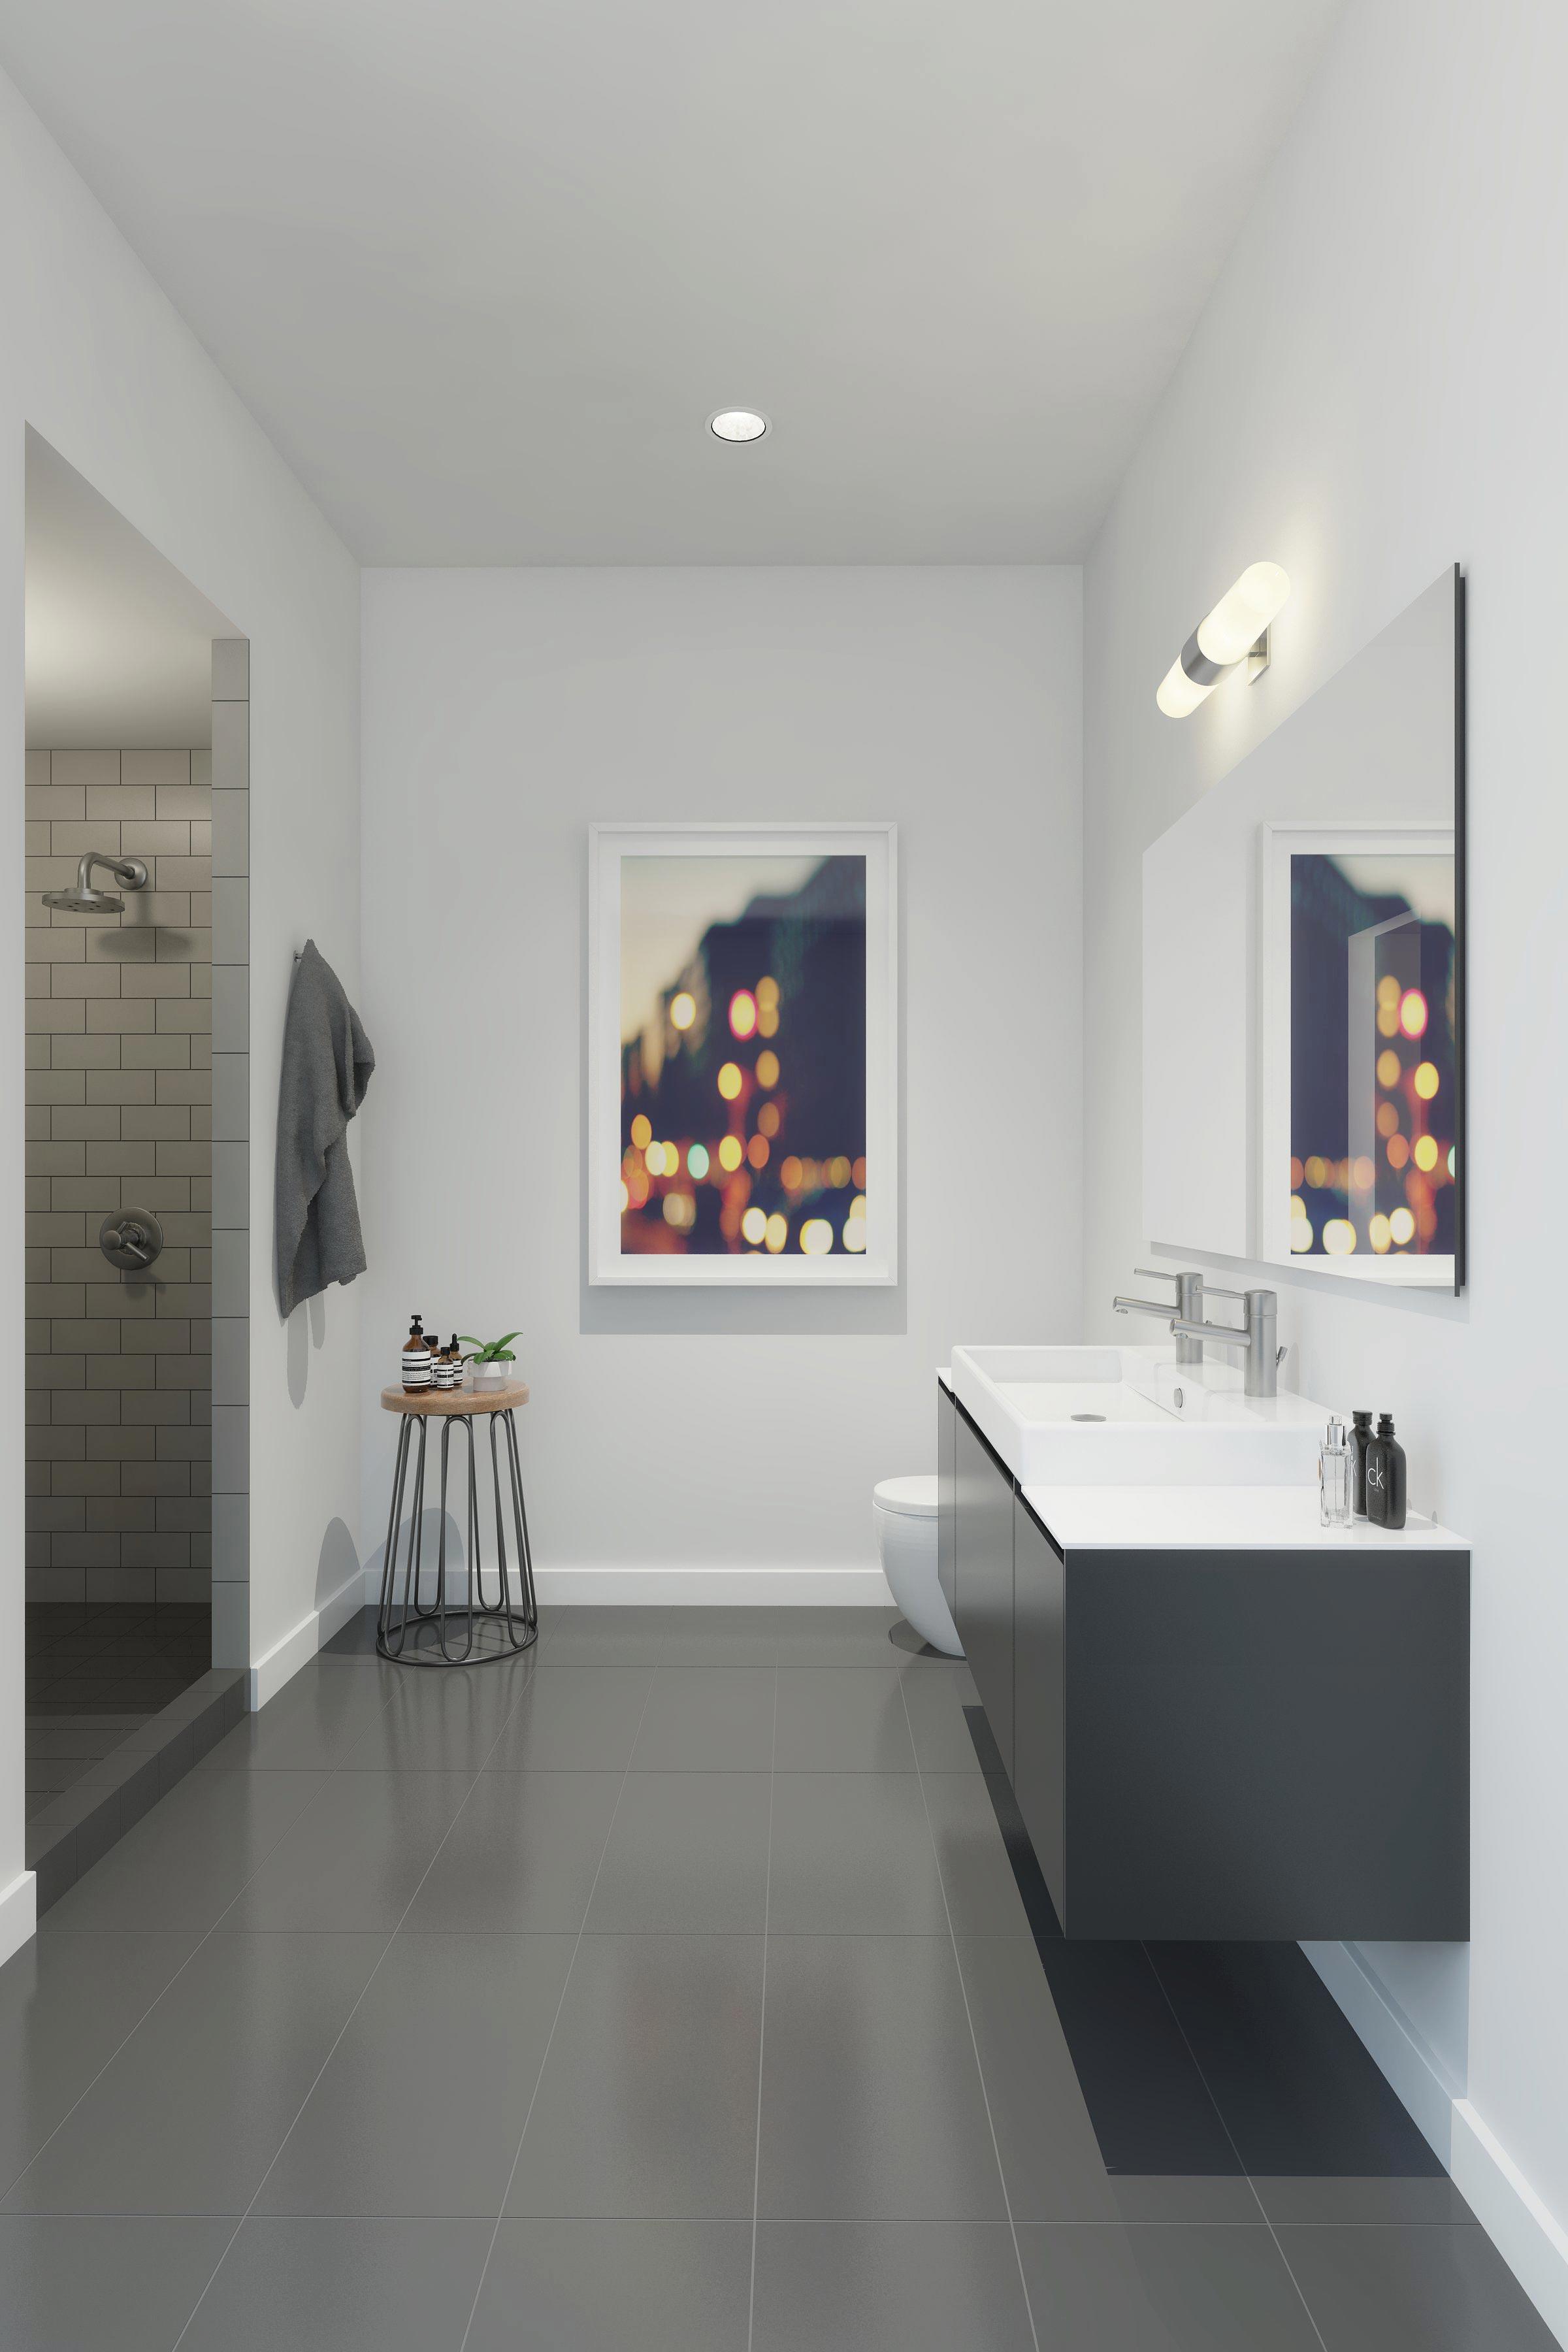 Unit-202_Bathroom_Final_2-1-17.jpg